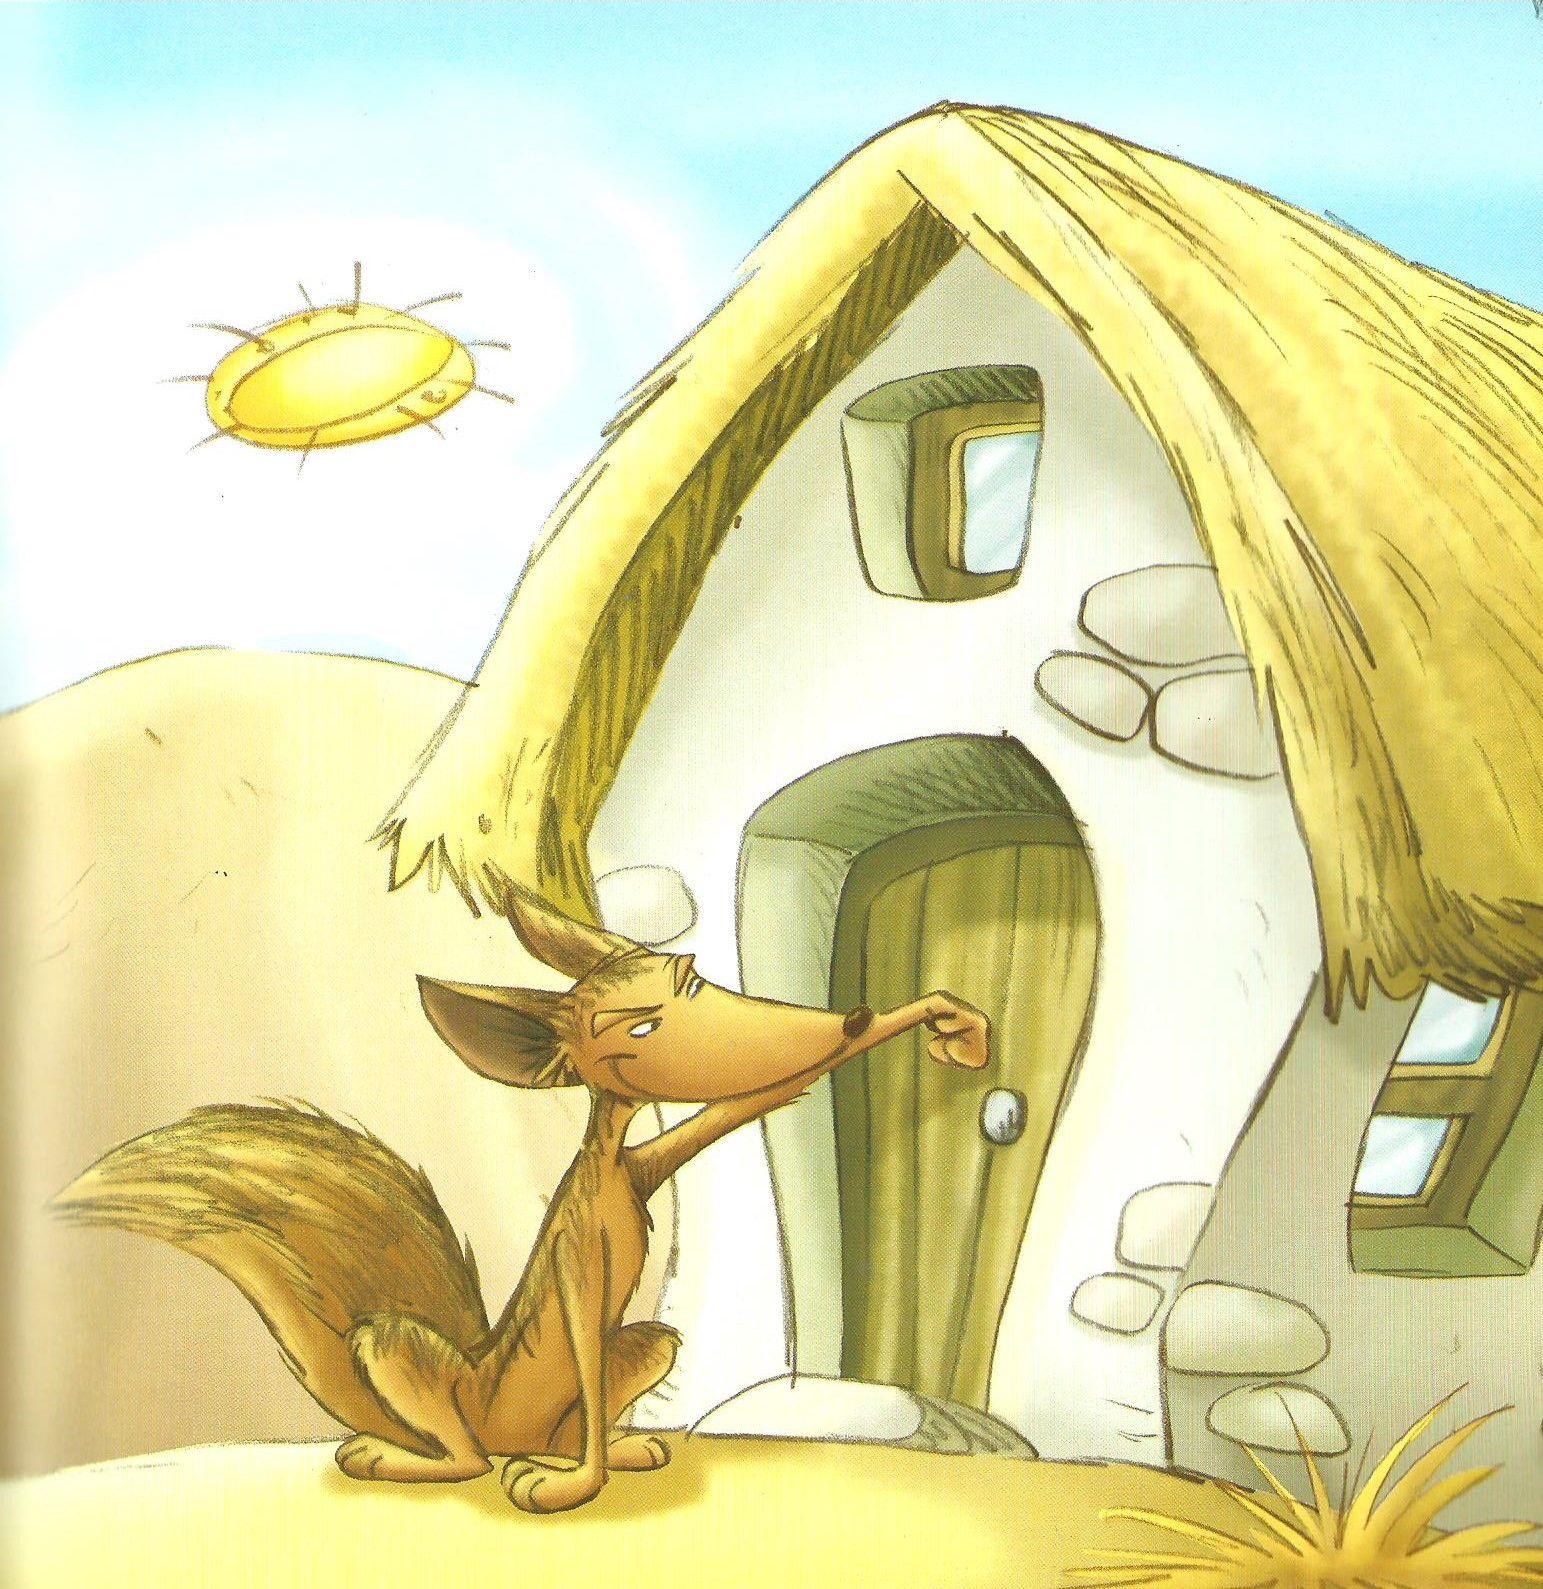 Mientras Tanto El Lobo Flaco Habia Llegado A La Casa De La Abuela Y Golpeo La Puerta Toc Toc